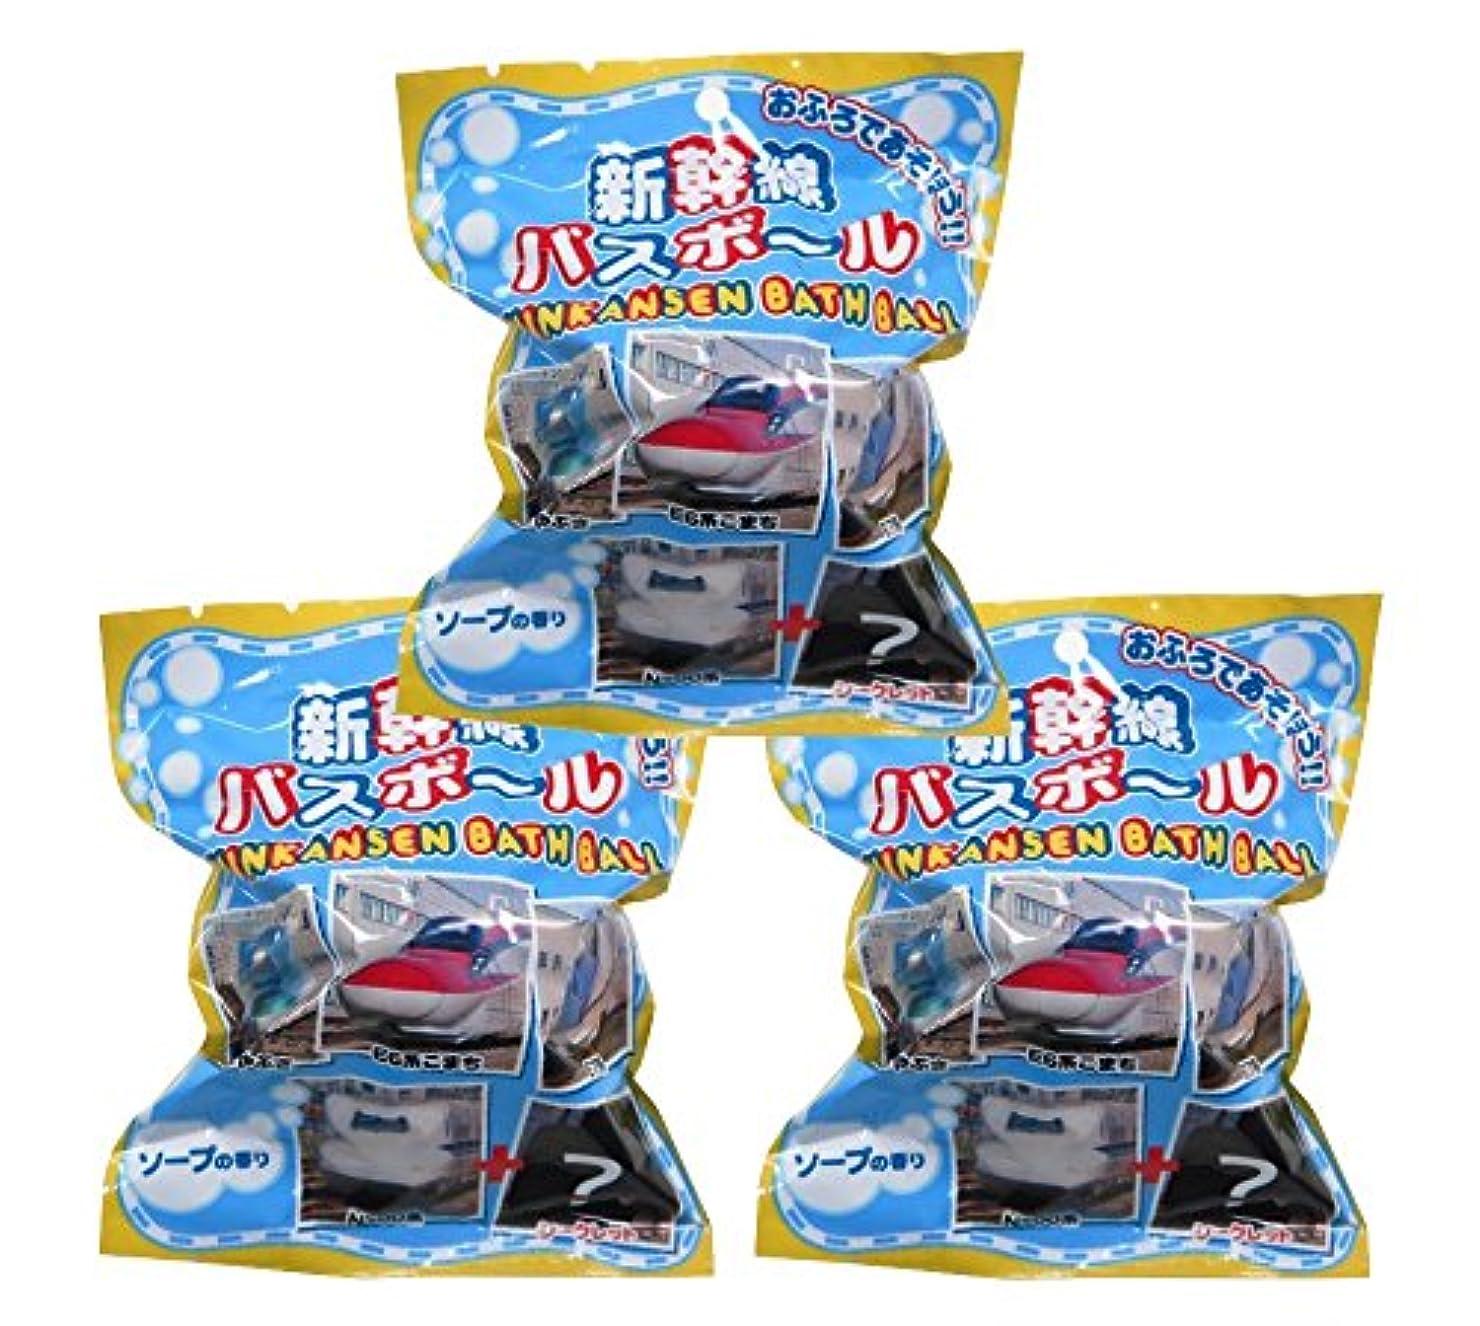 簡単な謎めいたカテゴリーJR新幹線 入浴剤 マスコットが飛び出るバスボール 3個セット